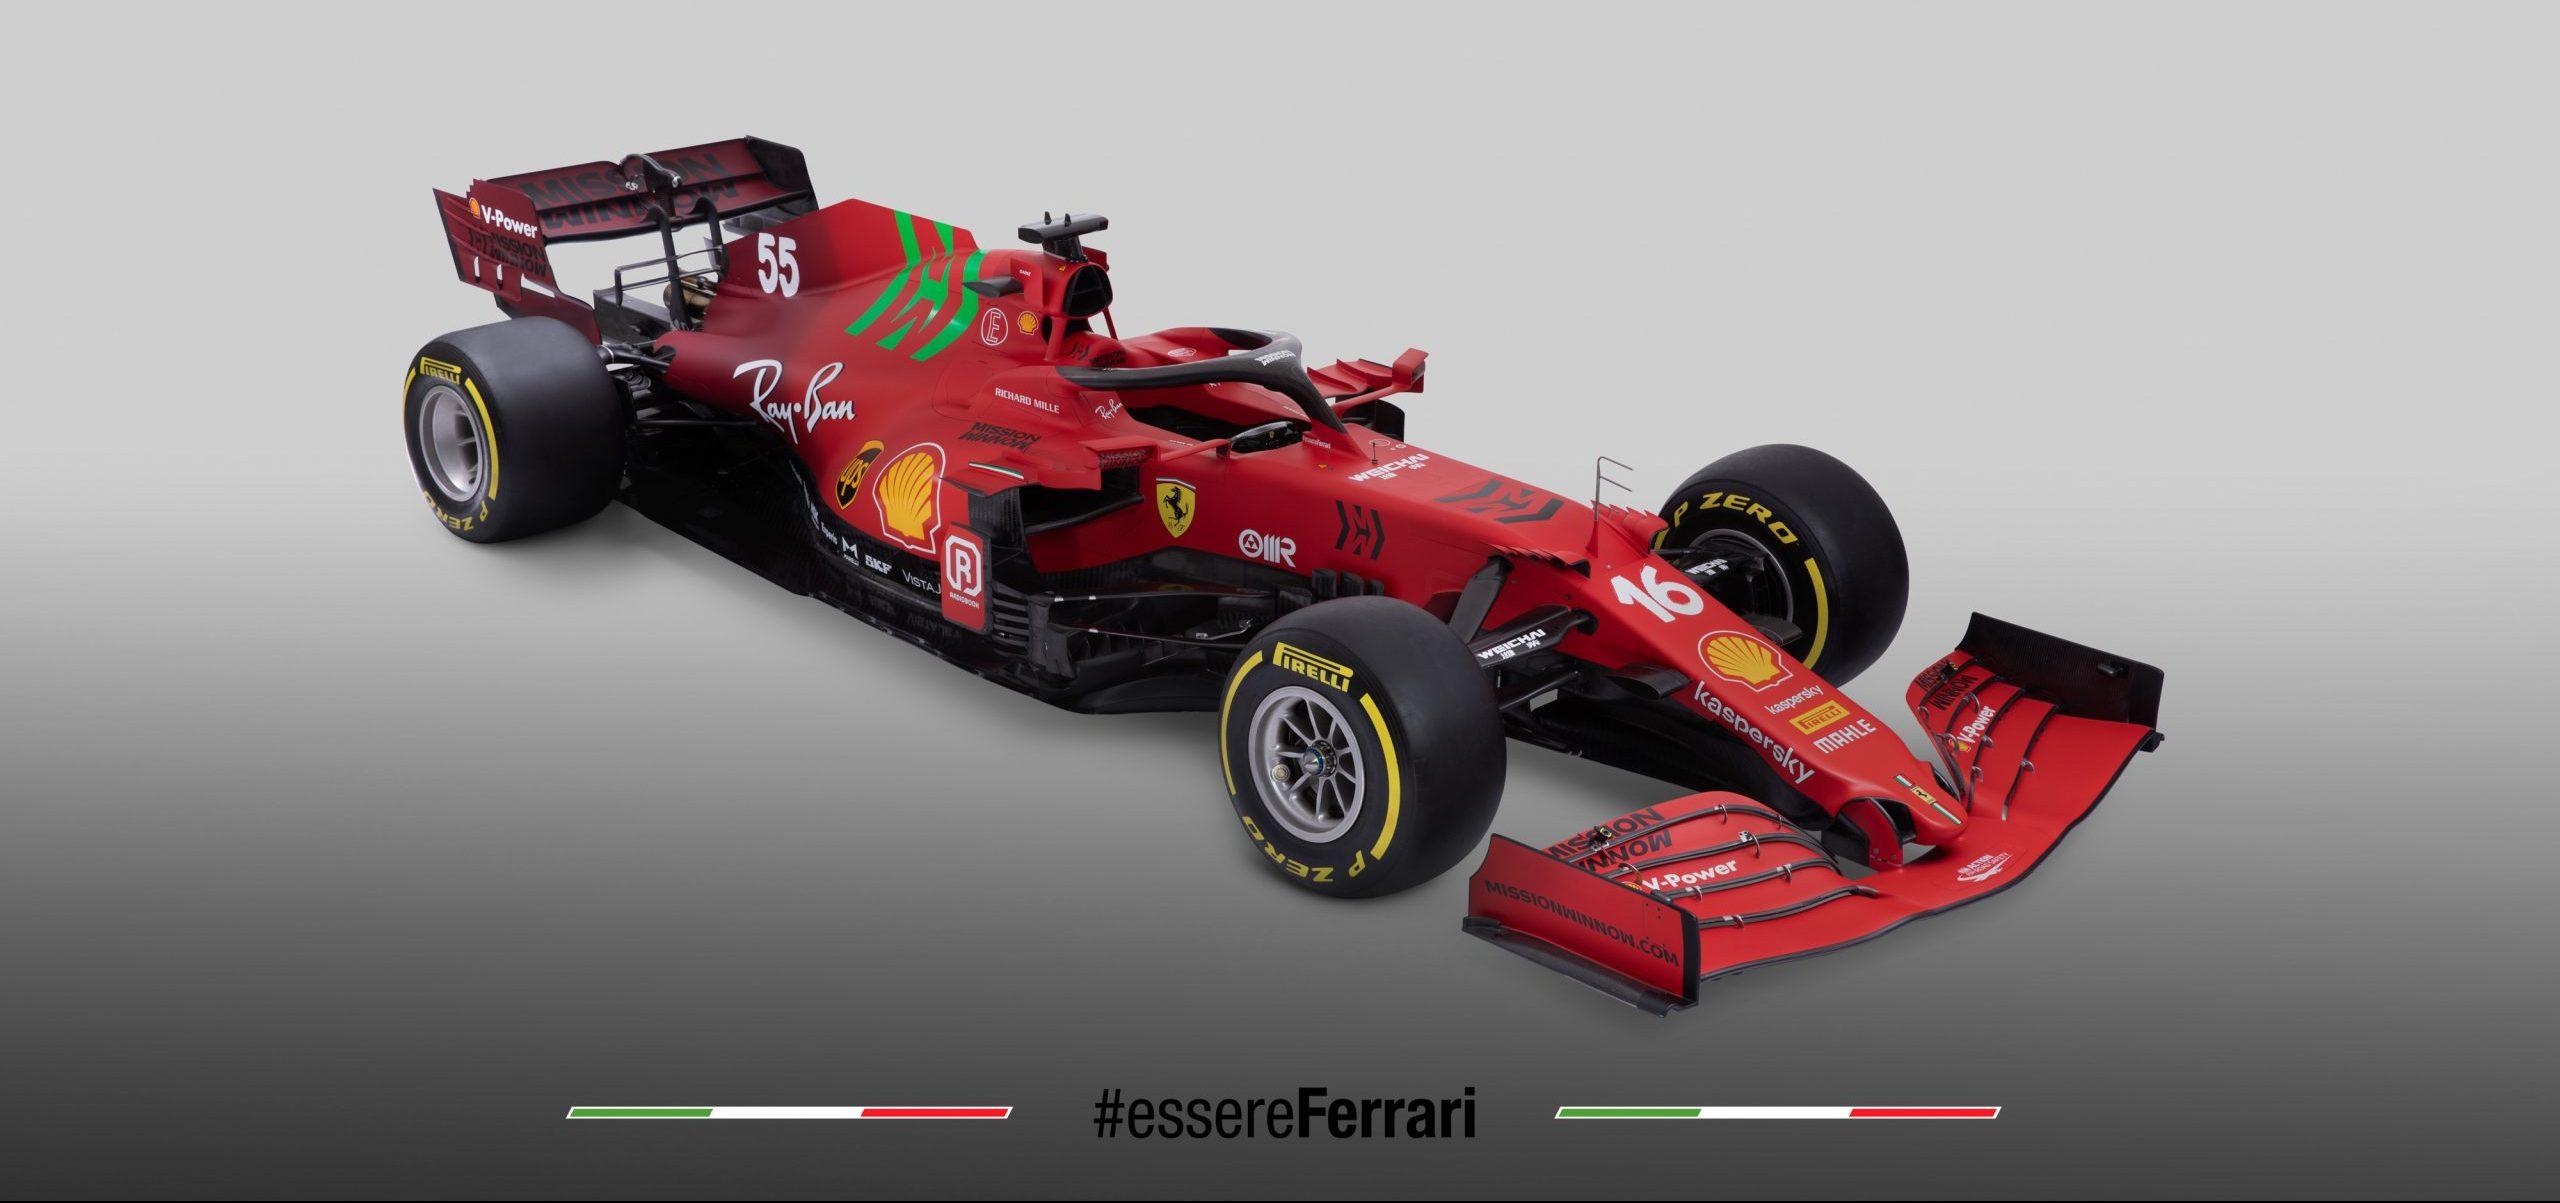 Ferrari 21 3